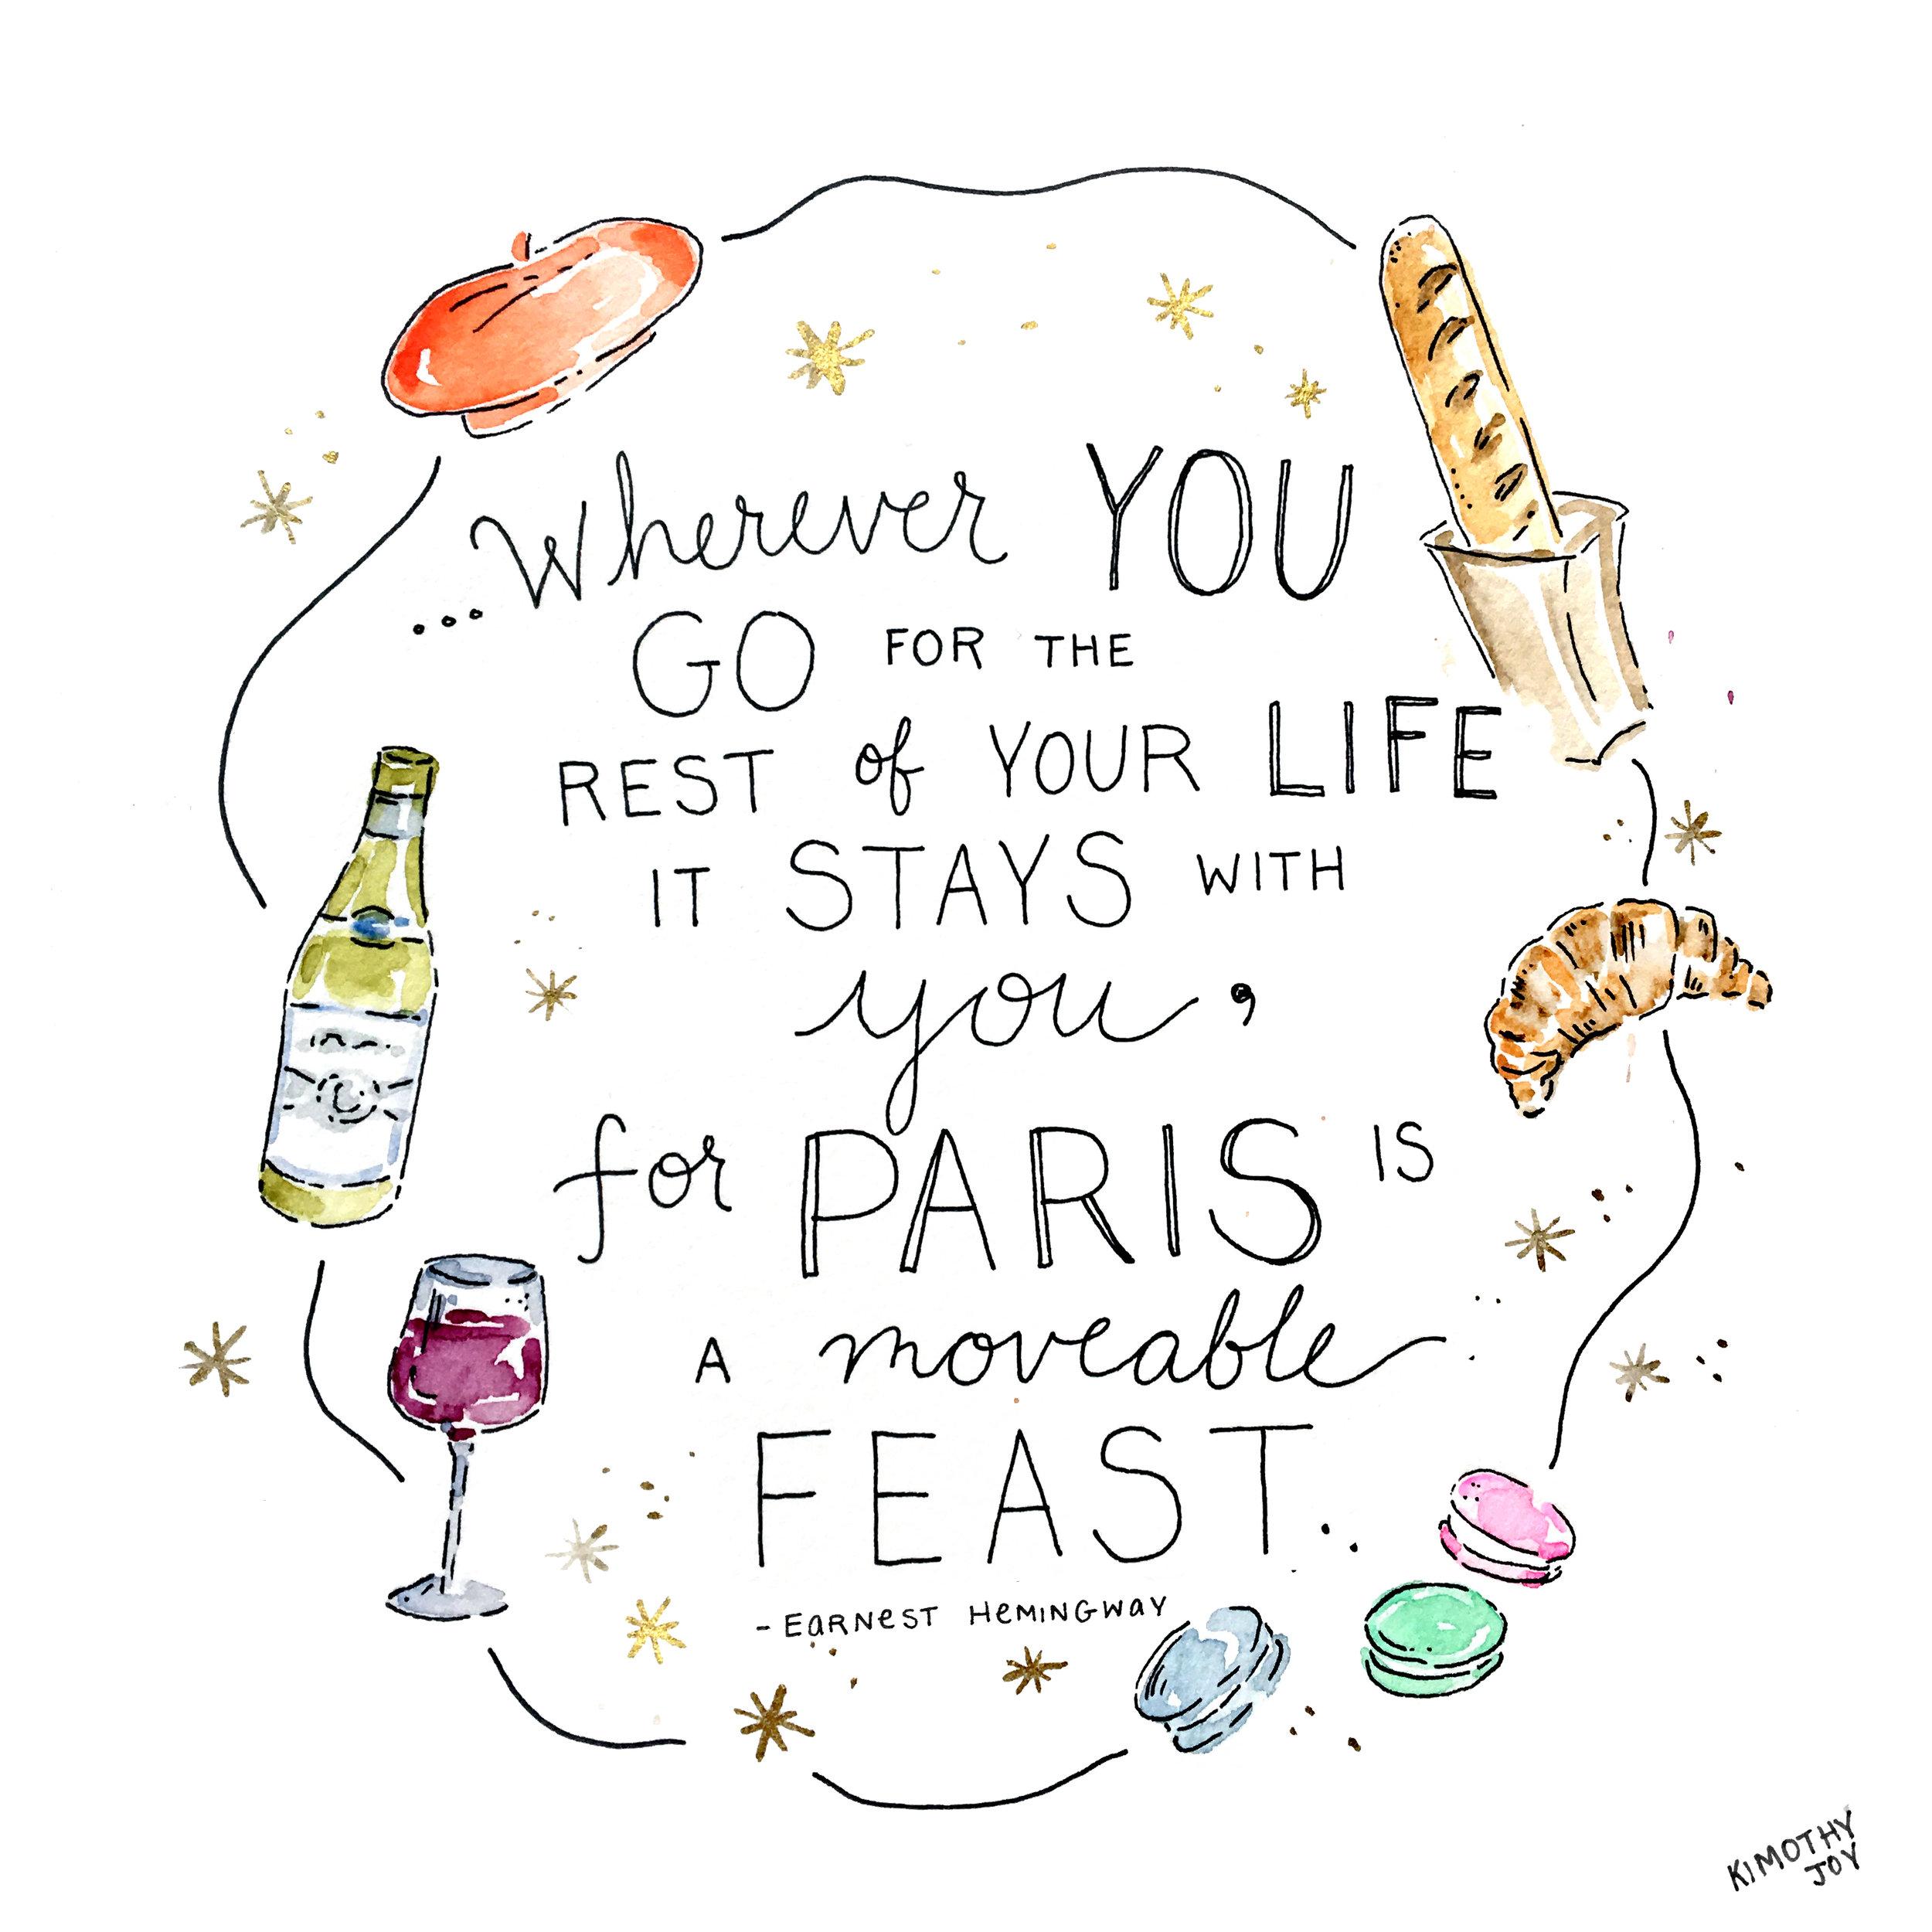 Paris_moveablefeast_sig.jpg